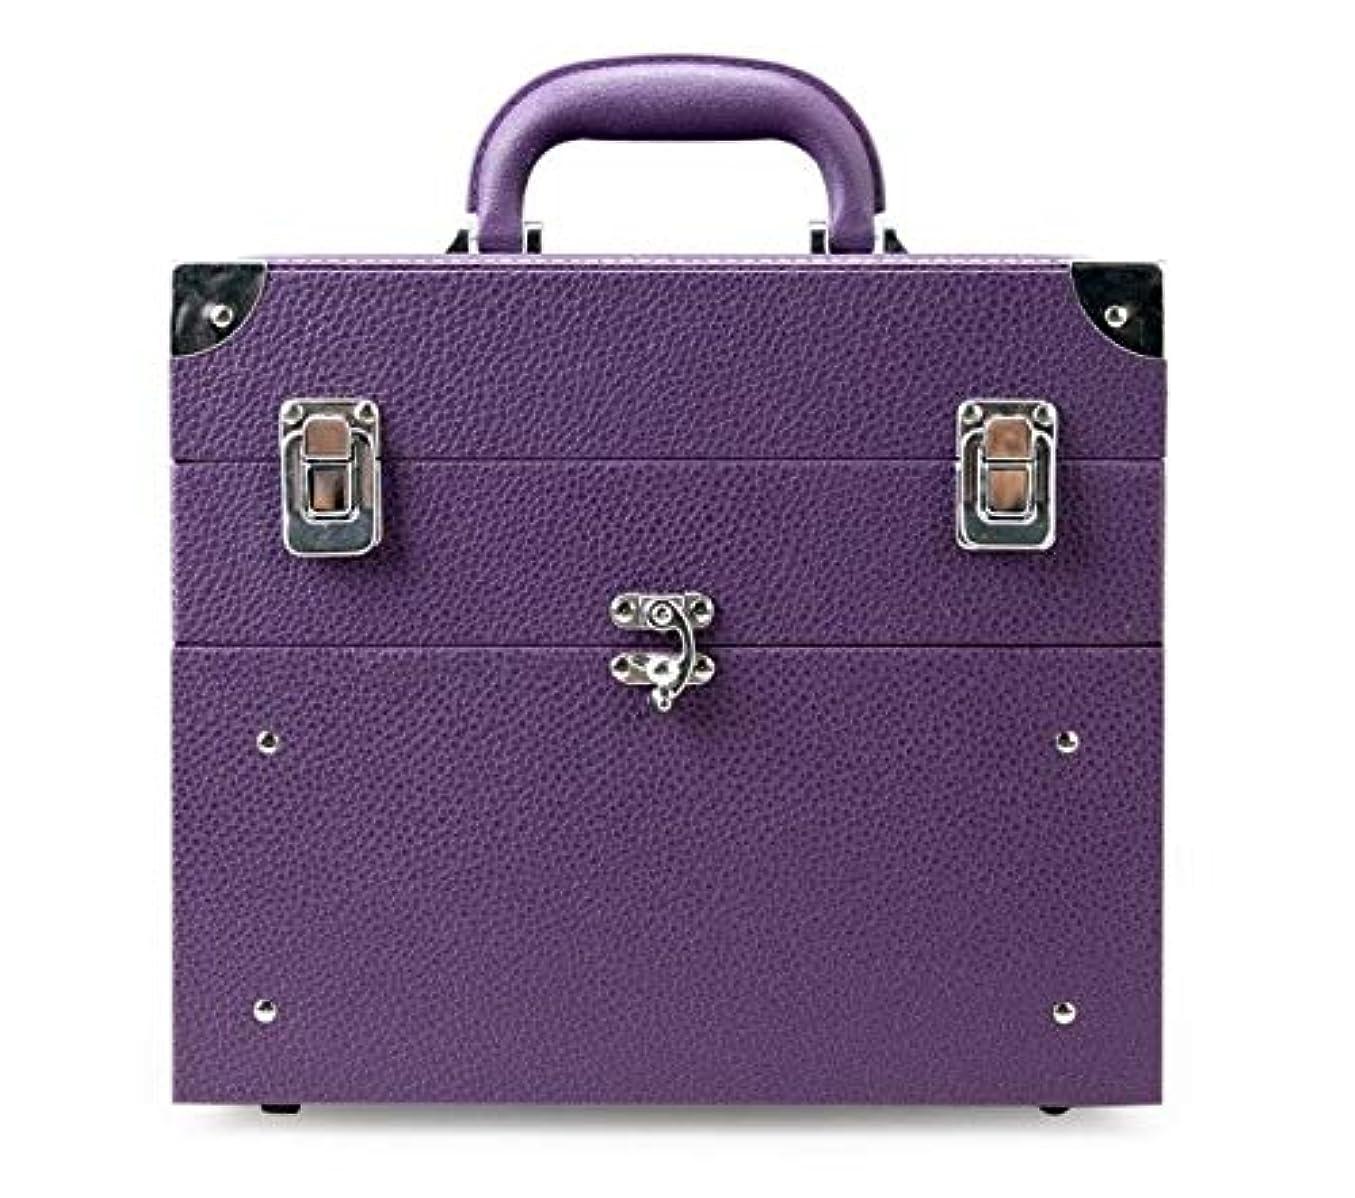 スケルトンフィヨルド密接に化粧箱、大容量の二重層の携帯用化粧品の箱、携帯用旅行化粧品袋の収納袋、美の構造の釘の宝石類の収納箱 (Color : Purple)